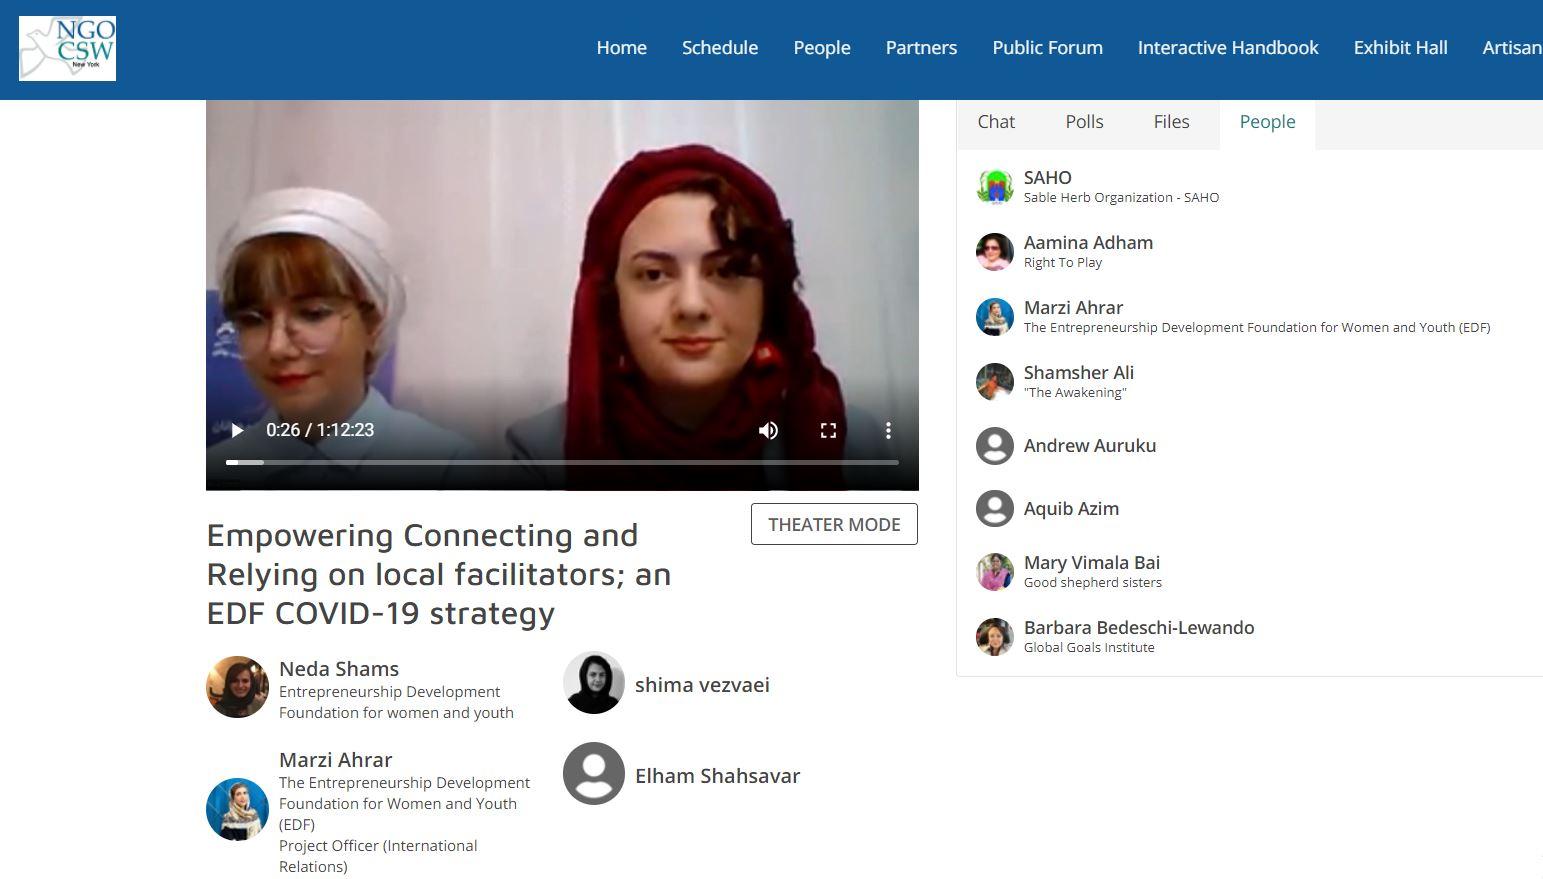 ویدئو: ارائه بنیاد توسعه کارآفرینی در نشست سالانه مقام زن سازمان ملل متحد CSW65 (2021)